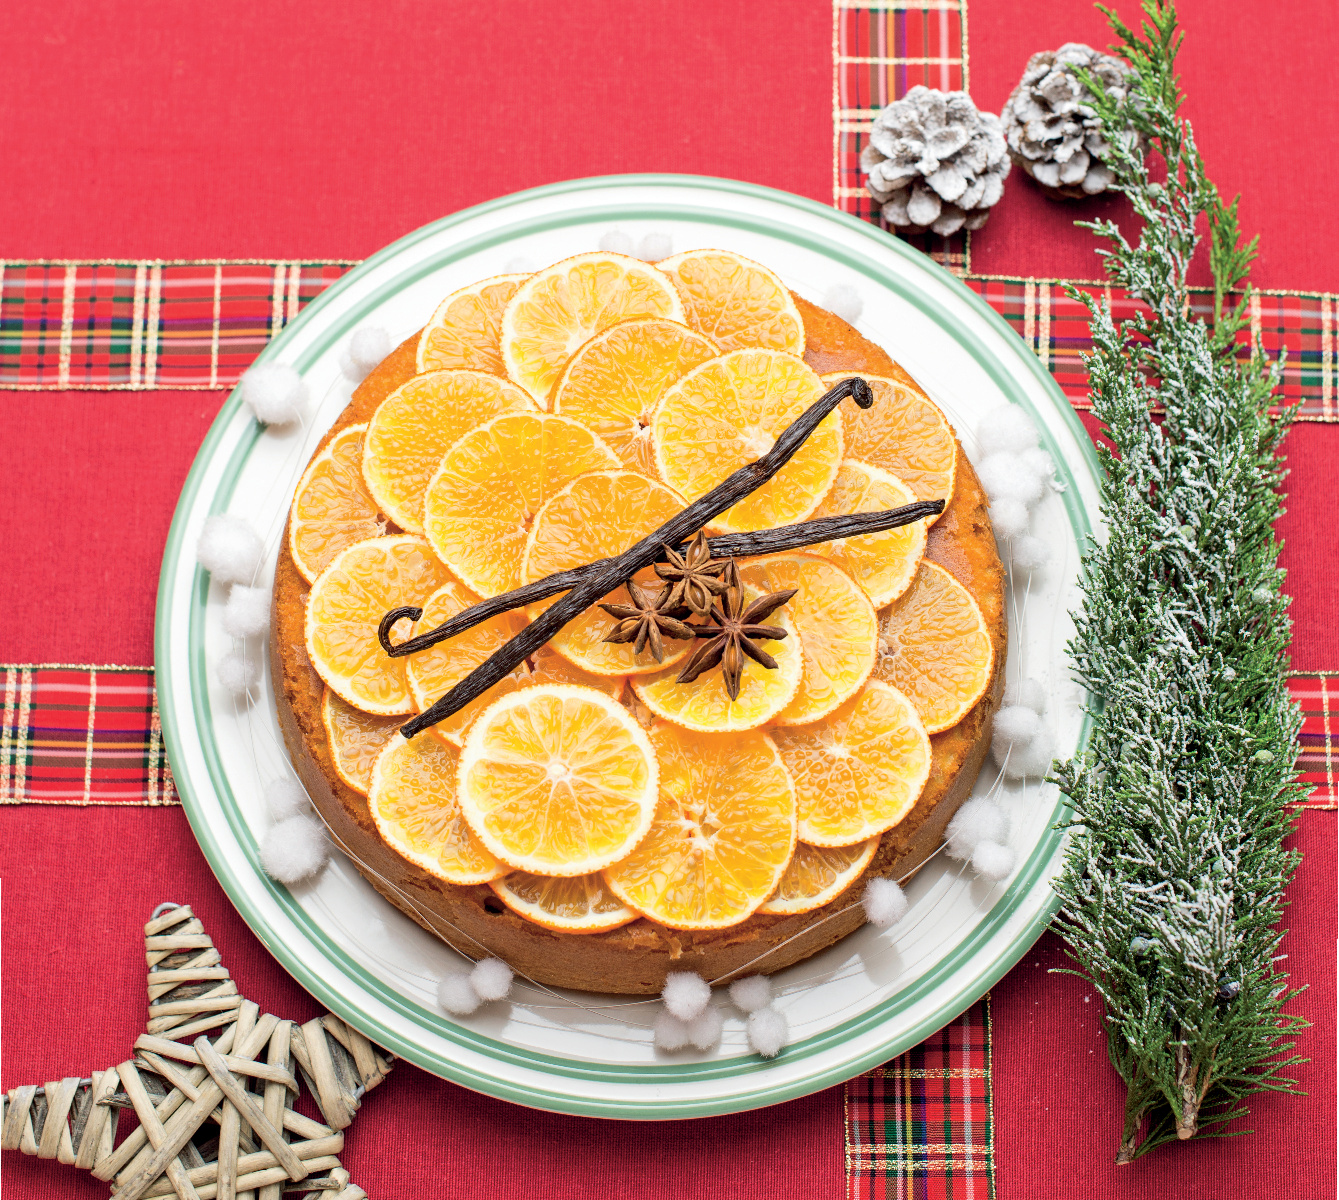 Torta di mandorle alle clementine con vaniglia e anice stellato